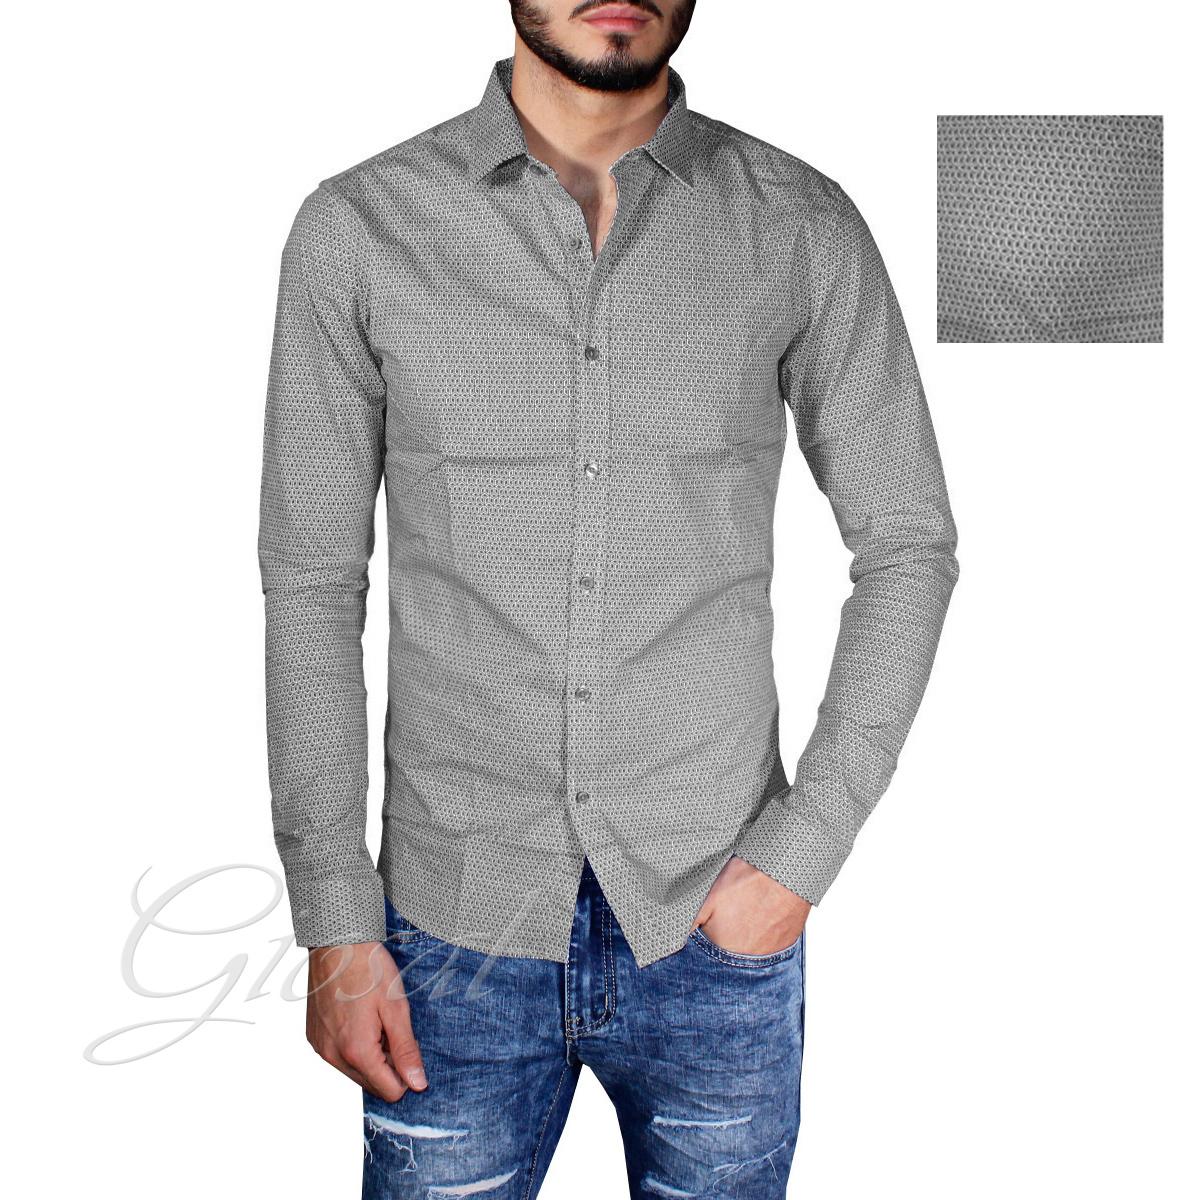 Camicia-Uomo-Casual-Slim-Bottoni-Microcubi-Colletto-Blu-Grigia-GIOSAL miniatura 7